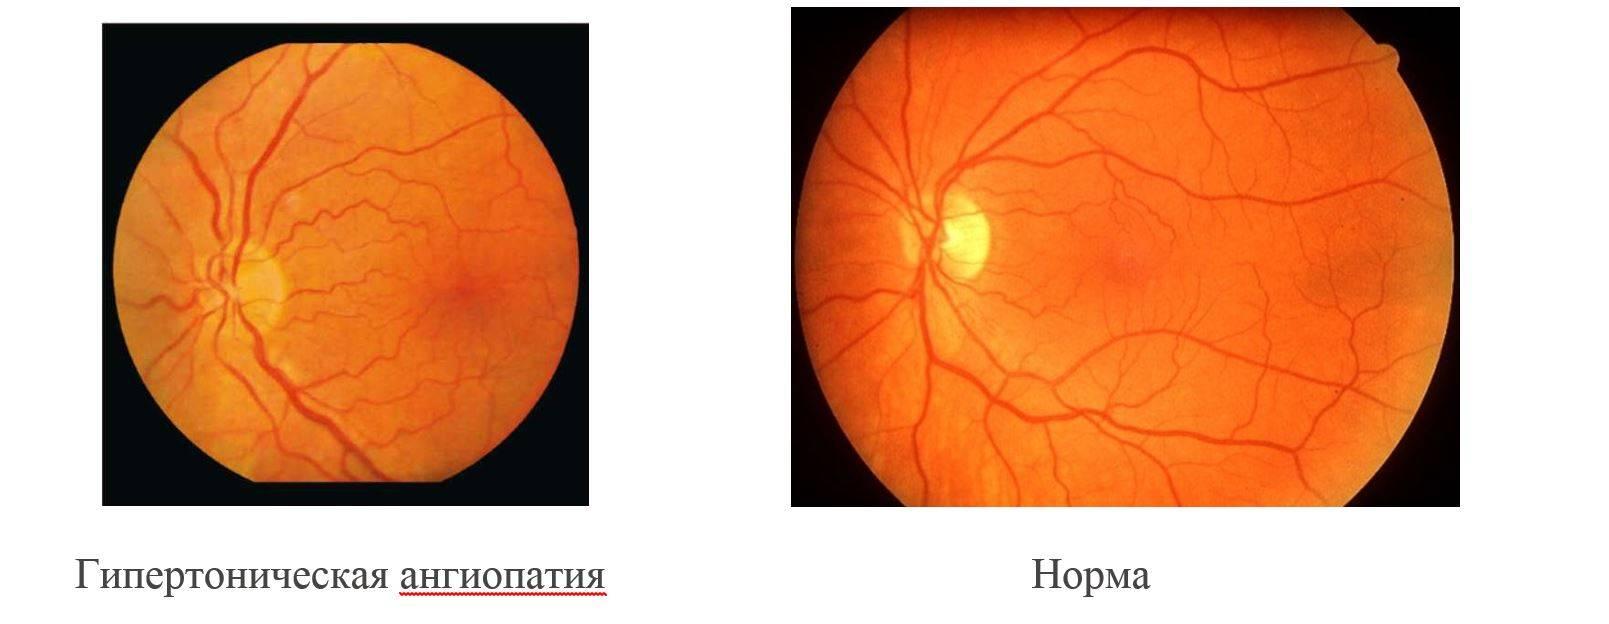 Что такое ангиопатия сетчатки глаза: причины и симптомы, лечение и профилактика патологического состояния